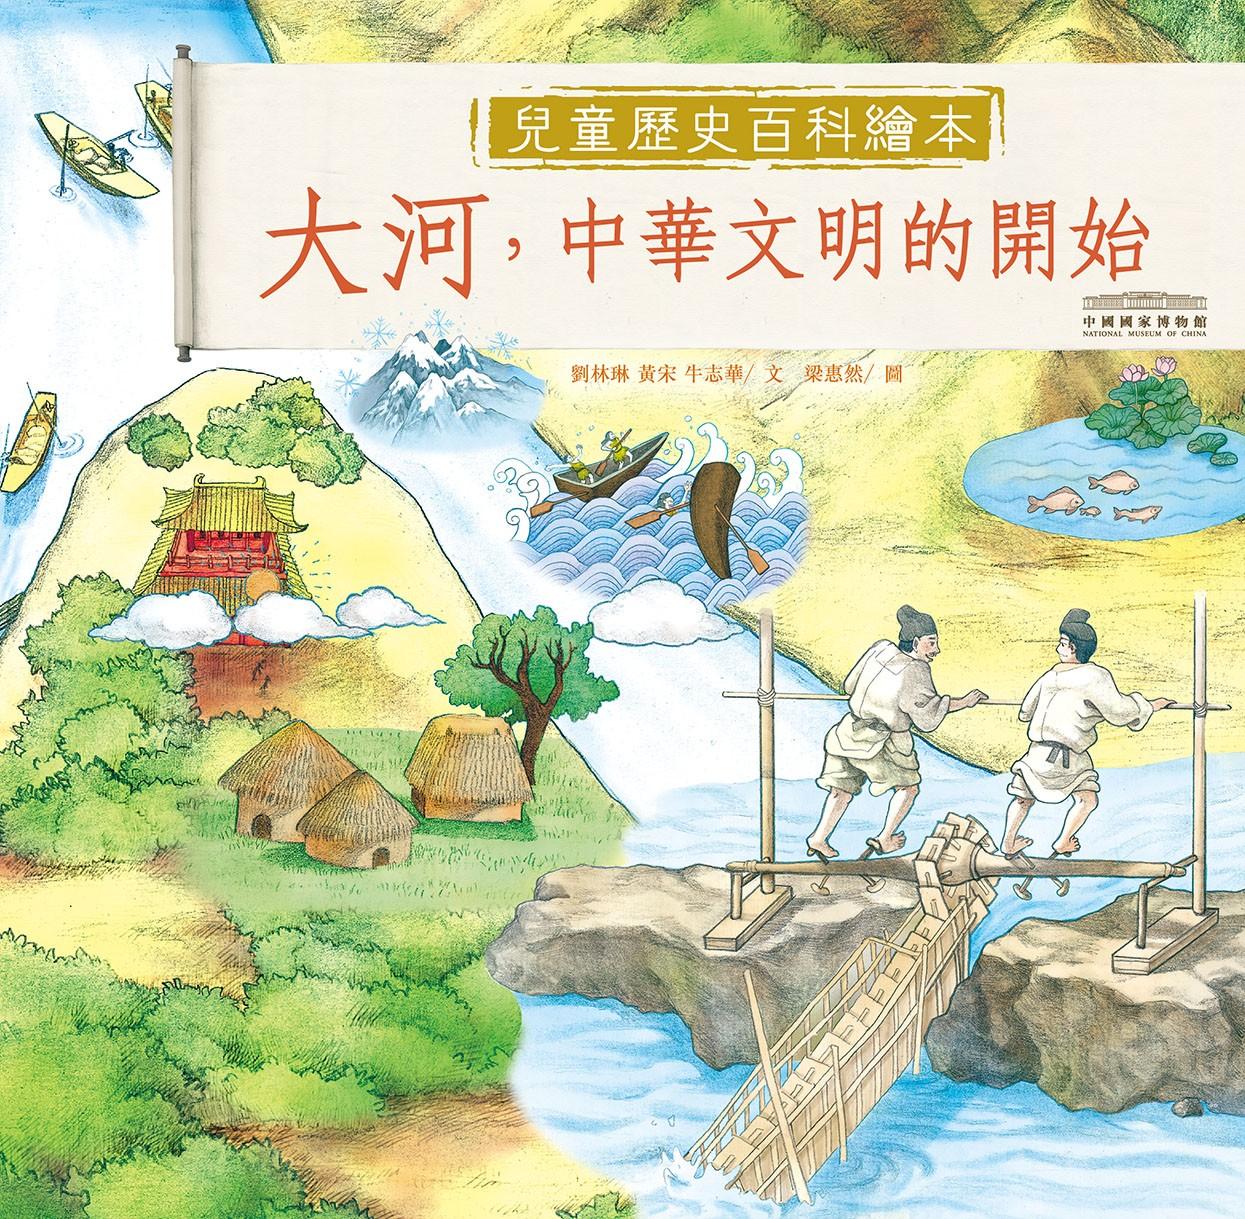 中國國家博物館兒童歷史百科繪本——大河,中華文明的開始